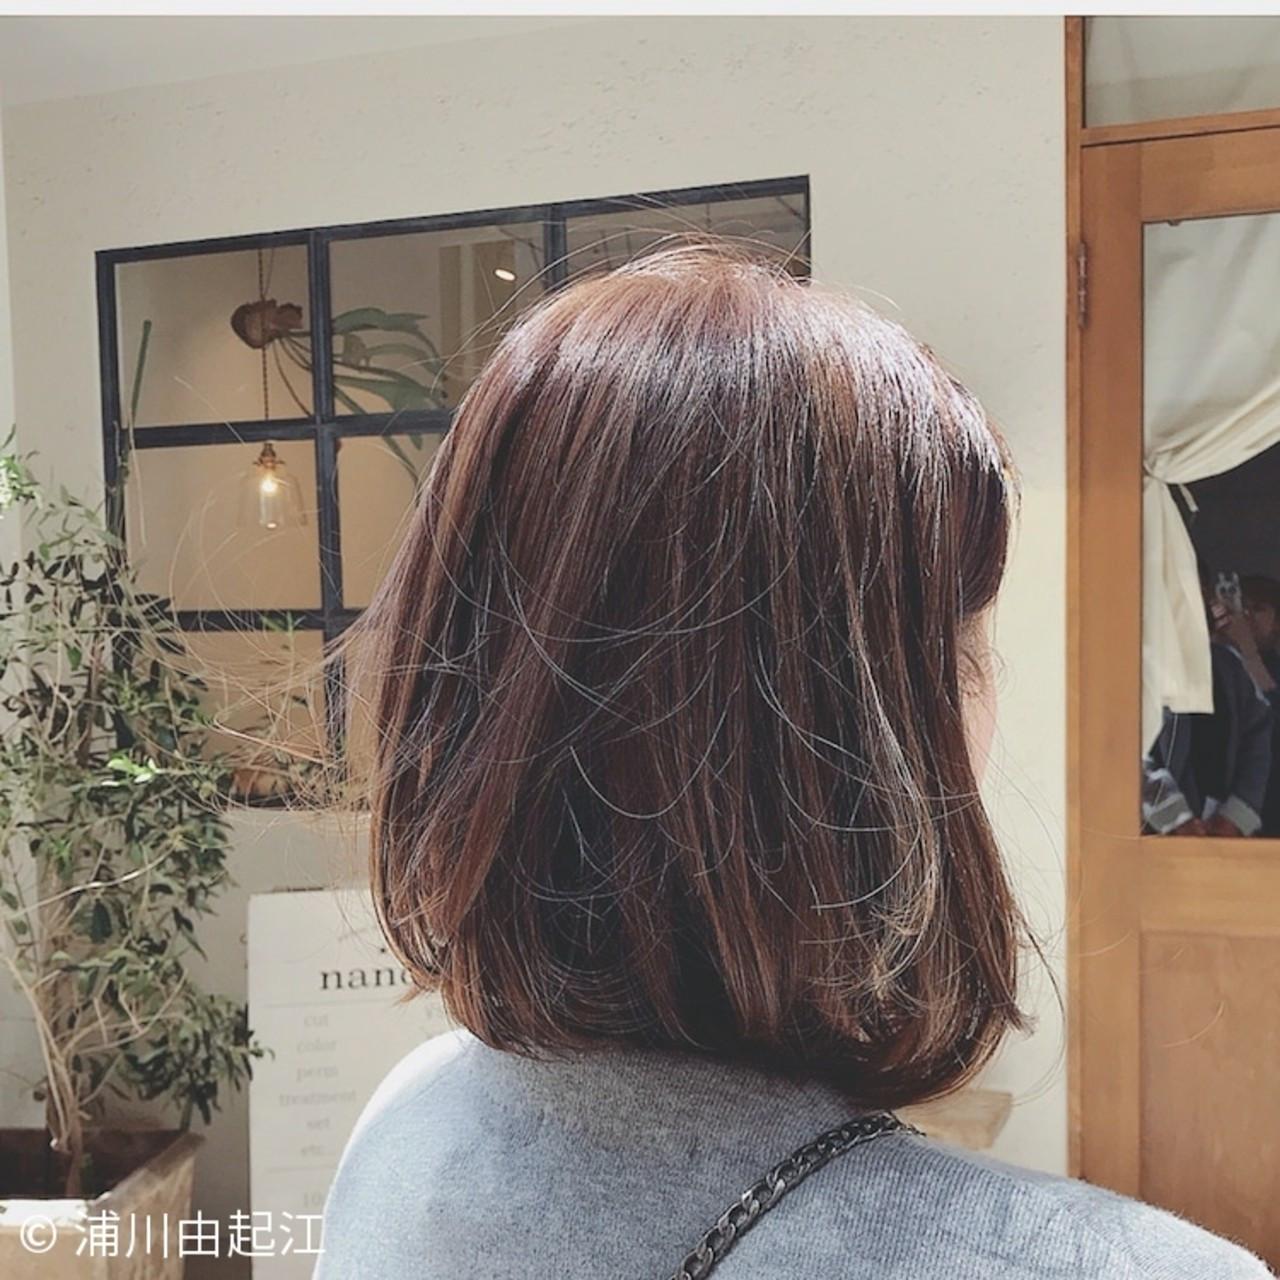 ハイライト ナチュラル デート 大人かわいい ヘアスタイルや髪型の写真・画像